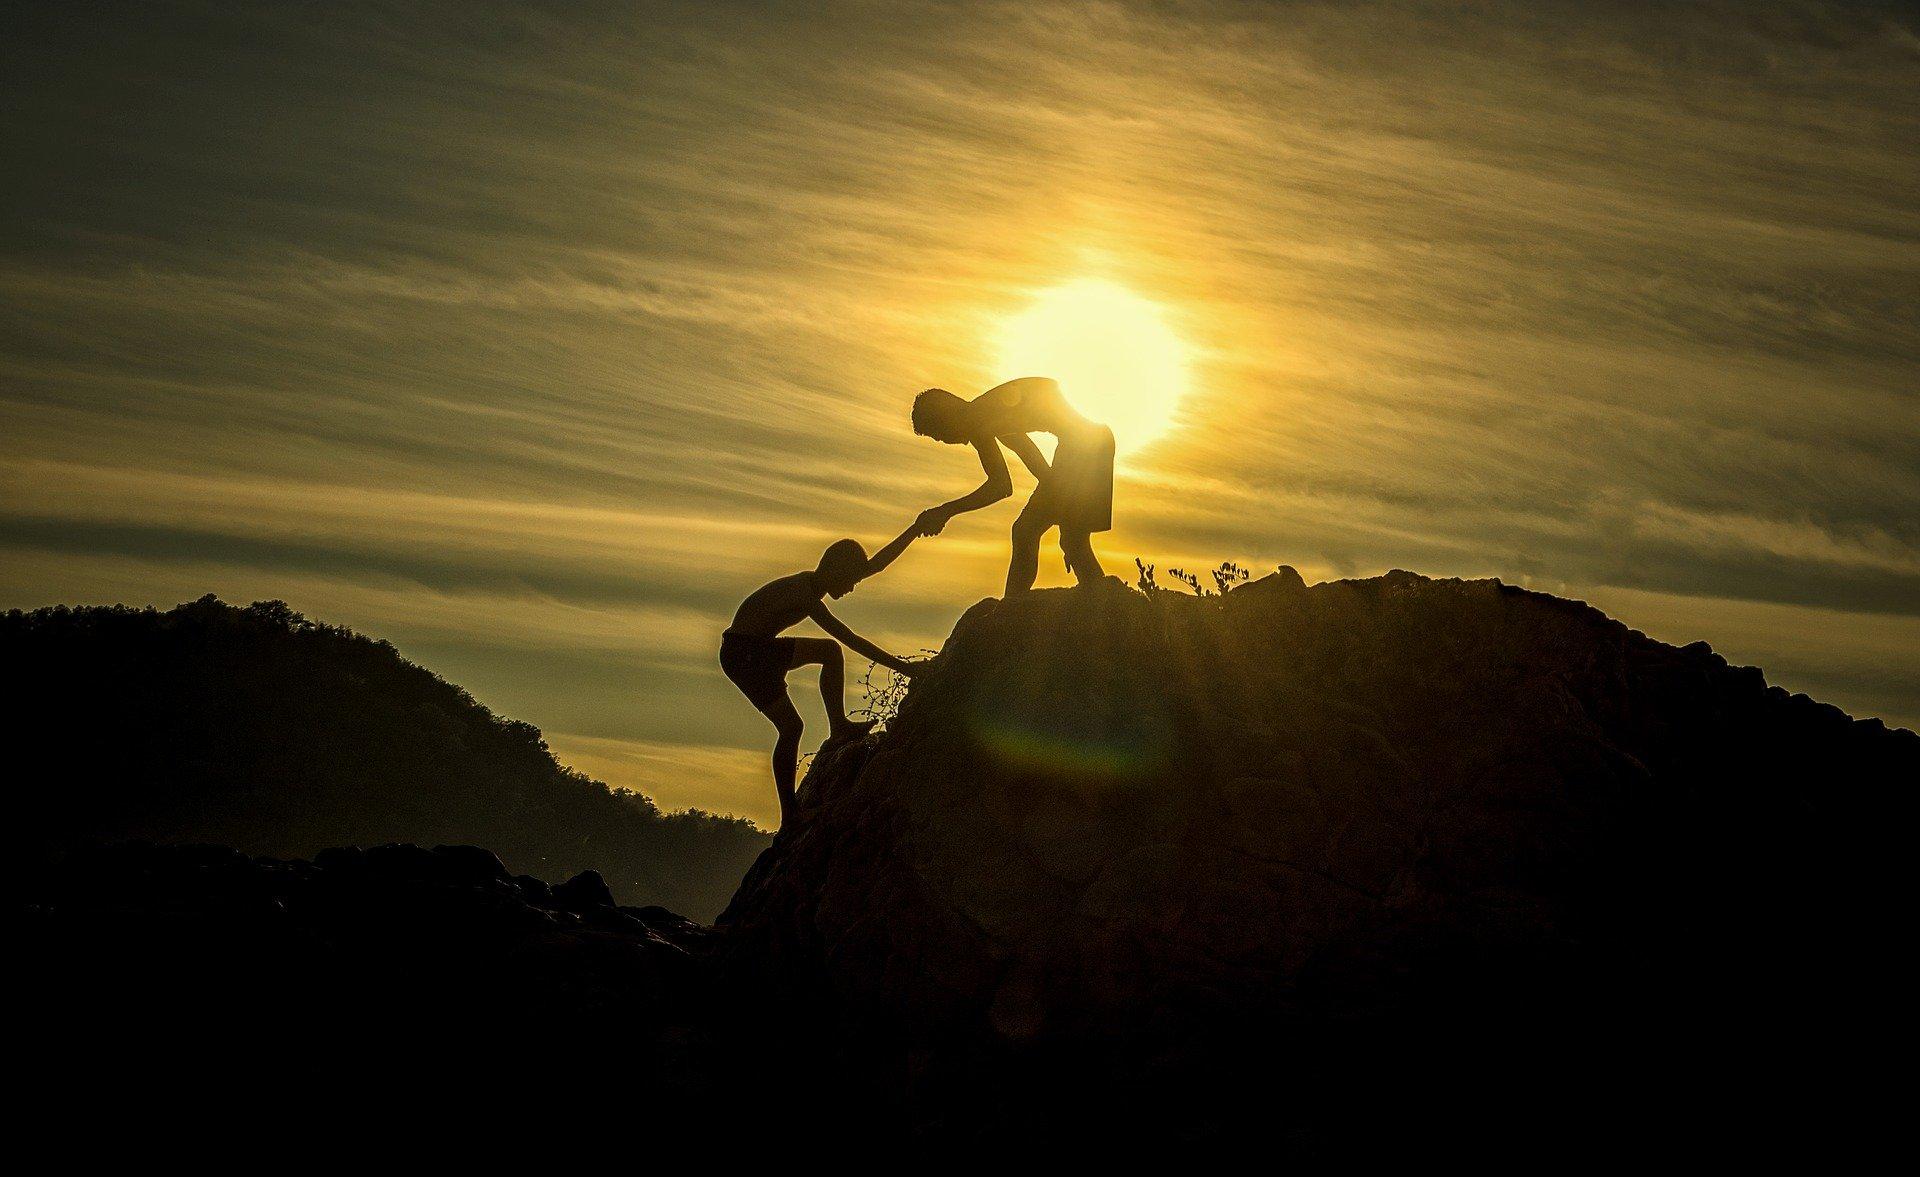 Persona tienda una mano para ayudar a otra. Fuente: Pixabay